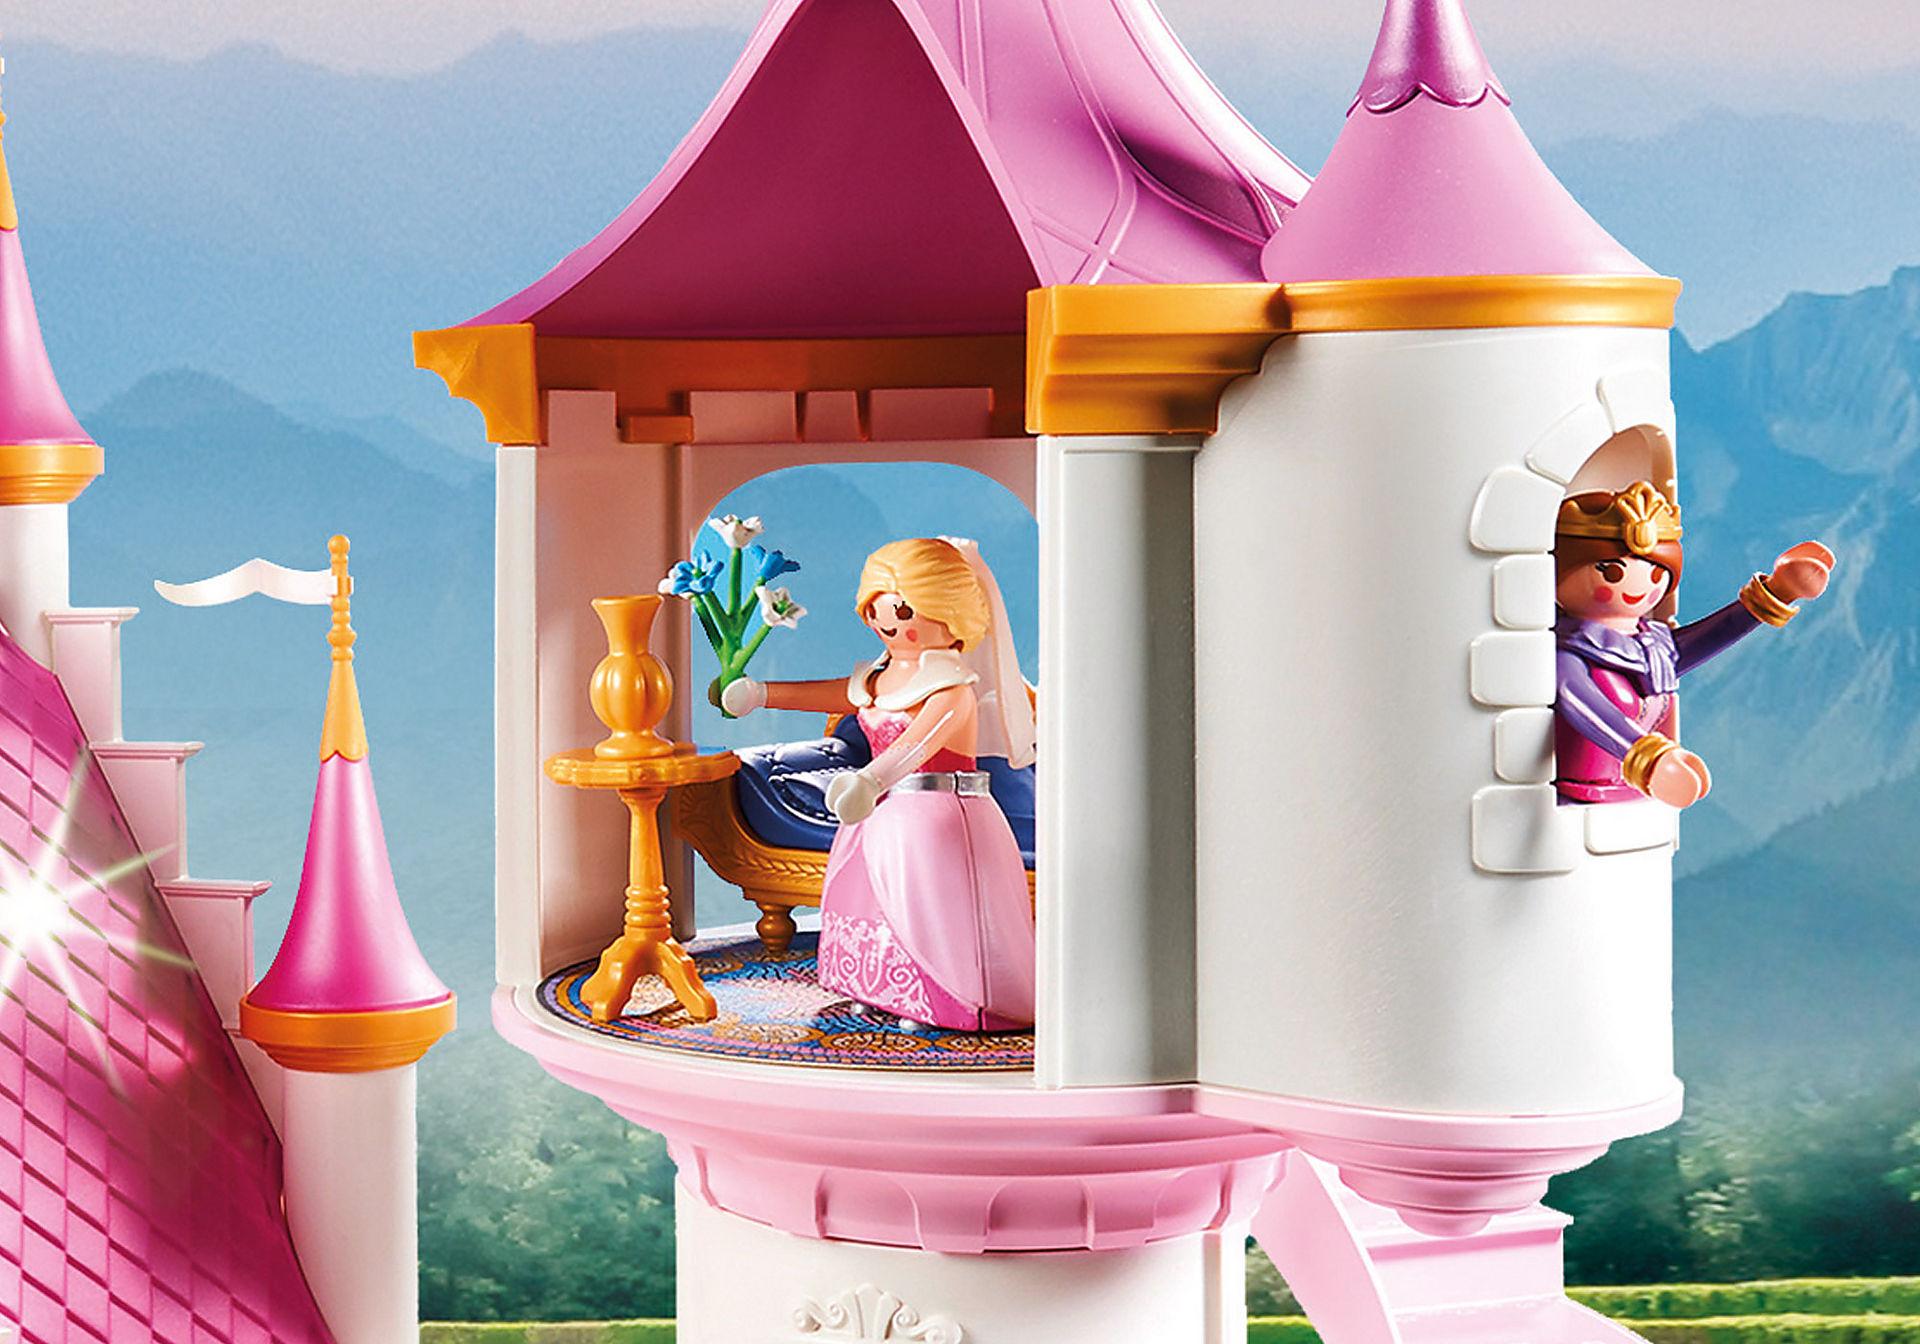 70447 Duży zamek księżniczki zoom image9